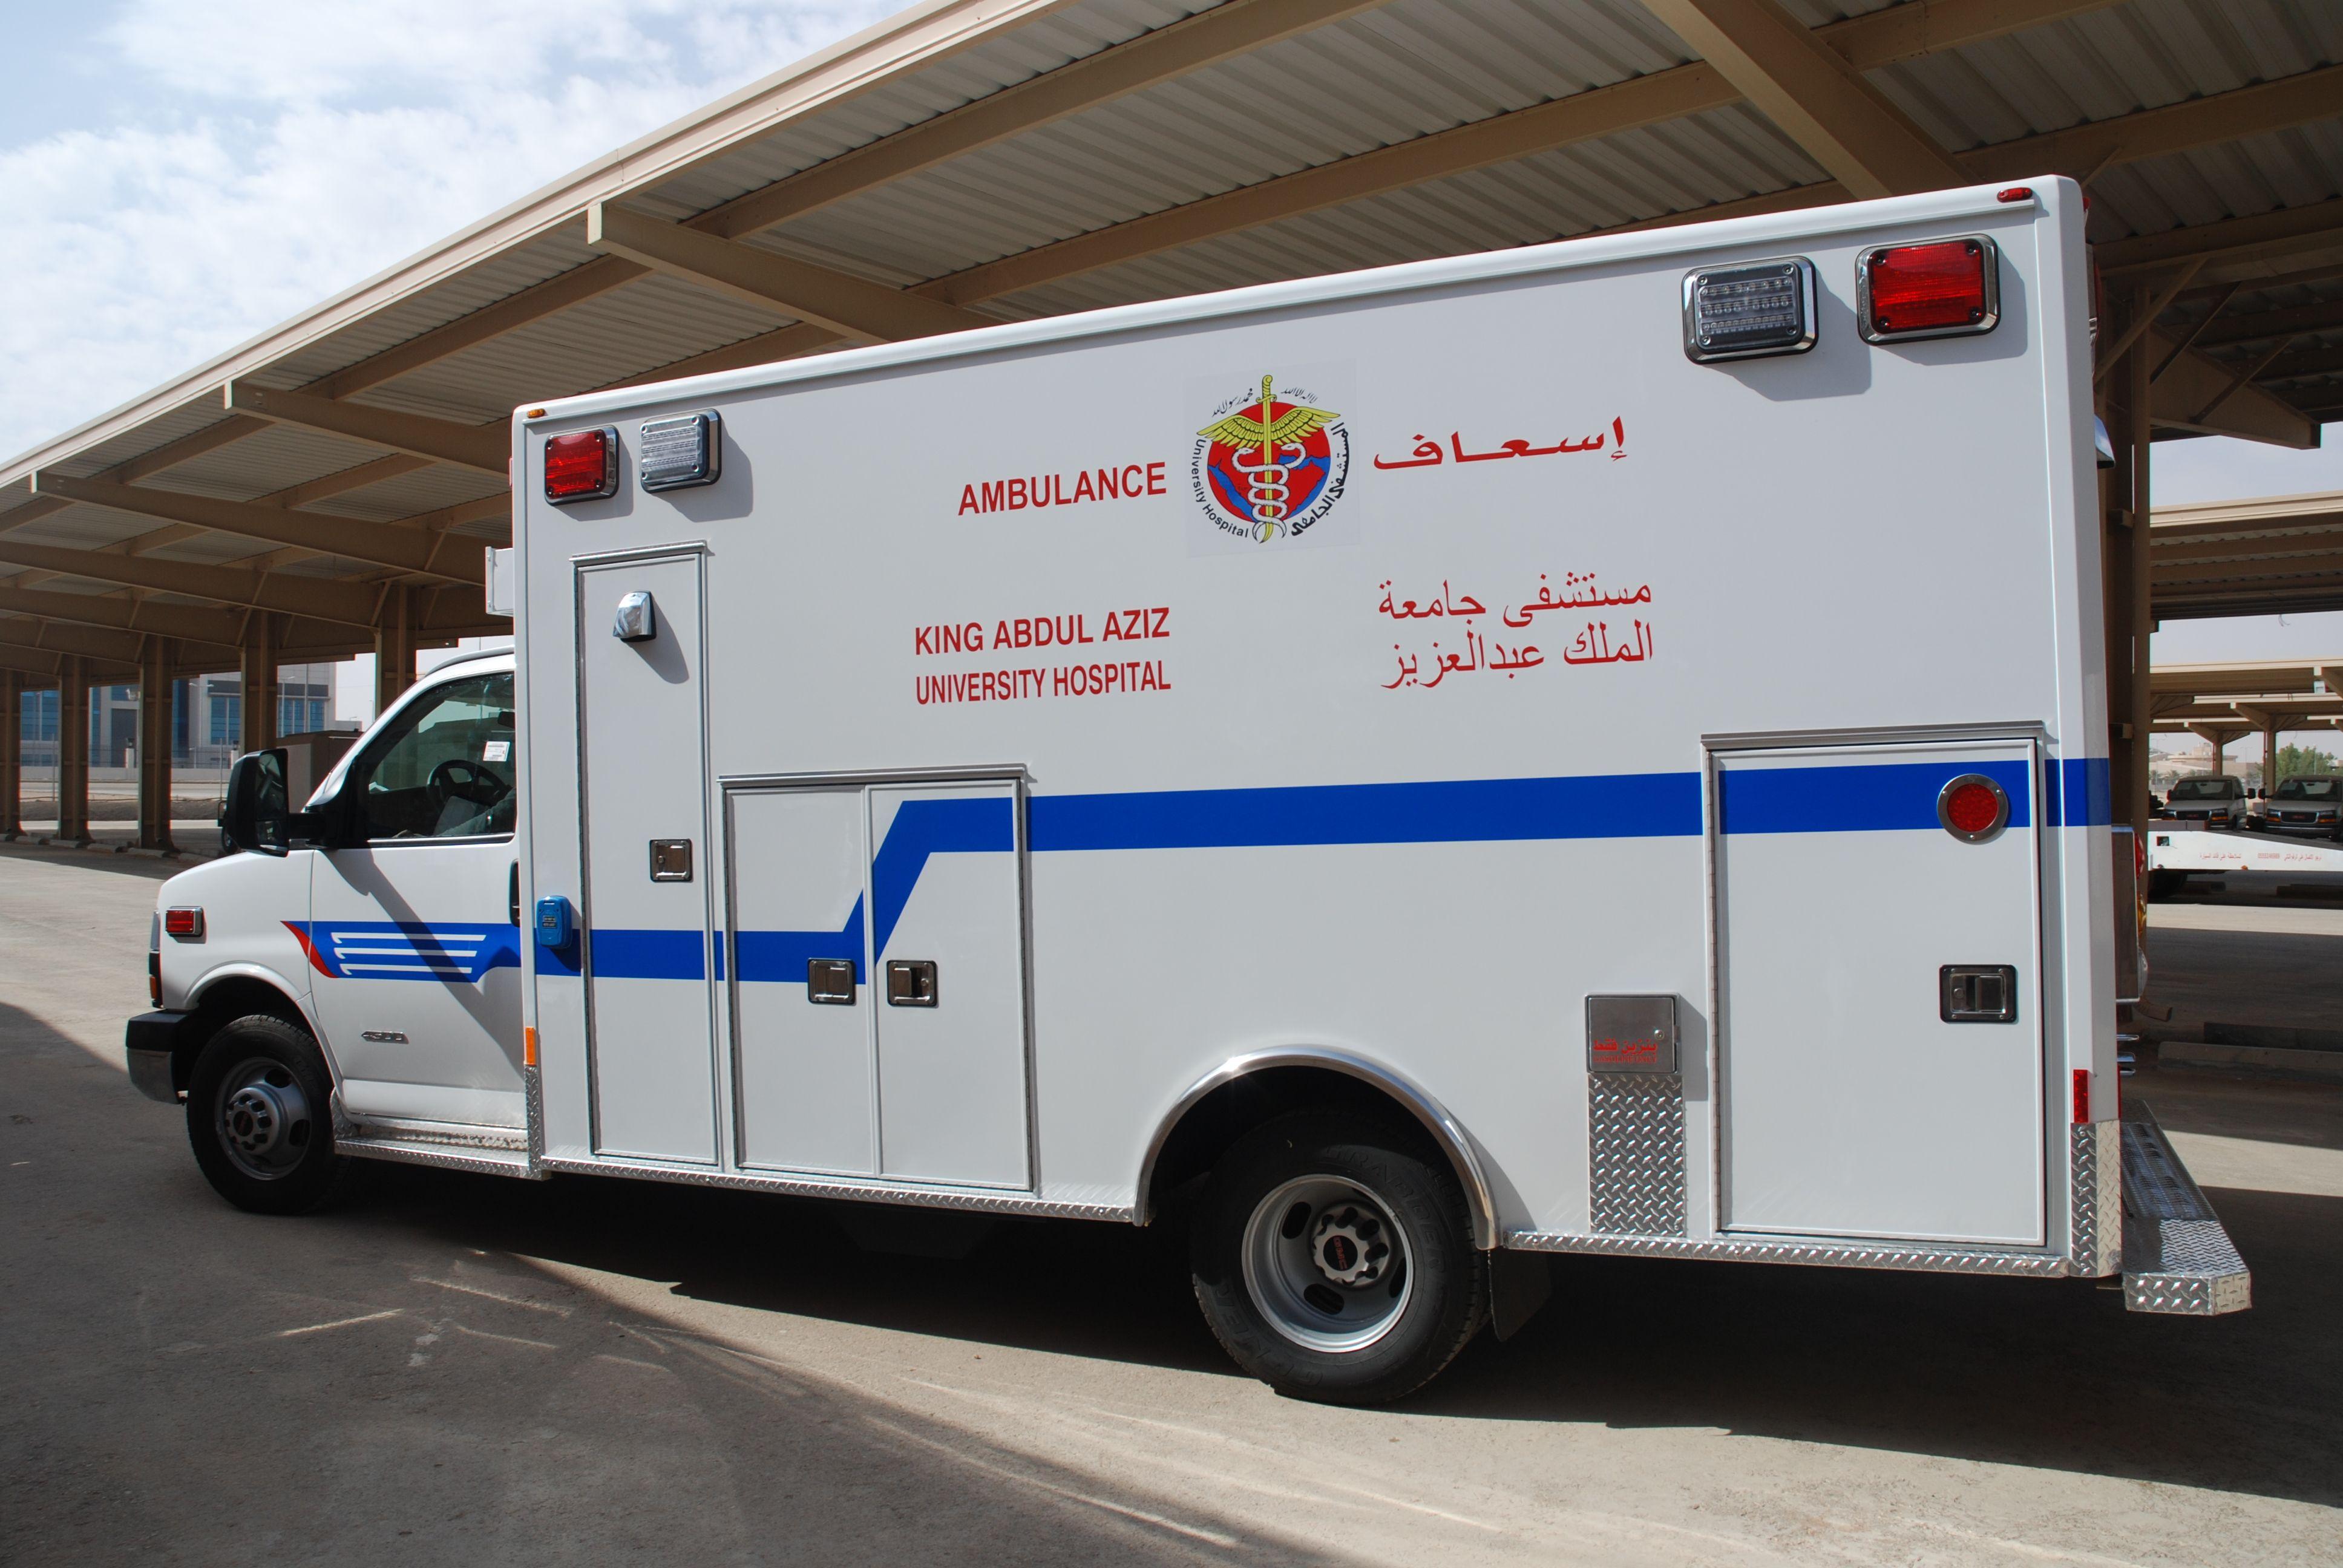 King Abdulaziz University Hospital Ambulance Types Recreational Vehicles Vehicles